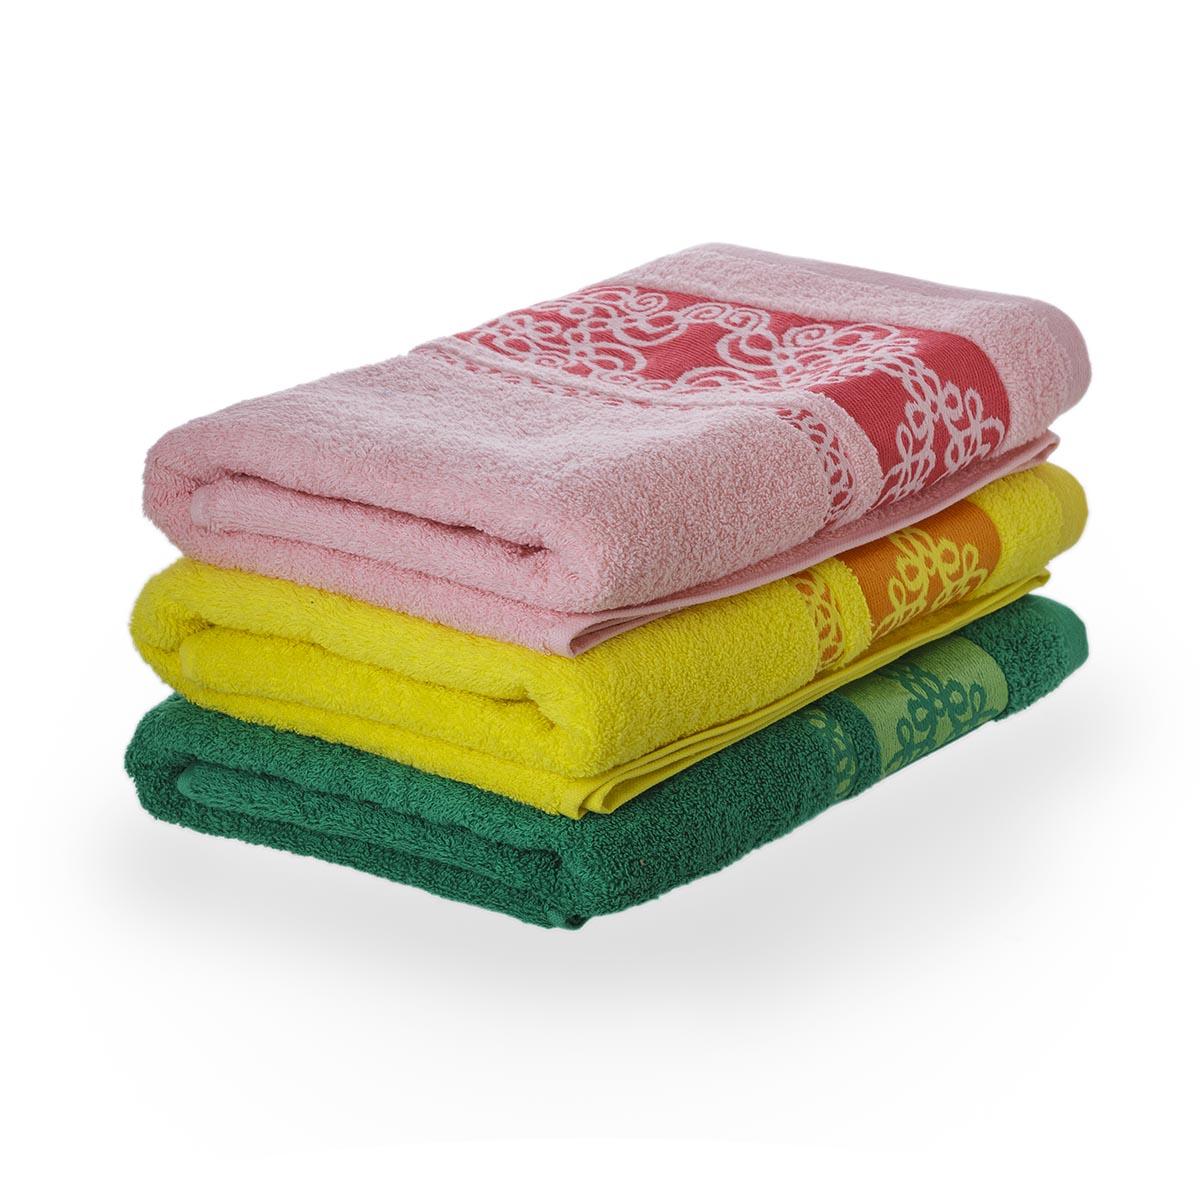 Полотенце Узор, цвет Персиковый, размер 50х90 смМахровые полотенца<br>Плотность ткани:420 г/кв. м.<br><br>Тип: Полотенце<br>Размер: 50х90<br>Материал: Махра